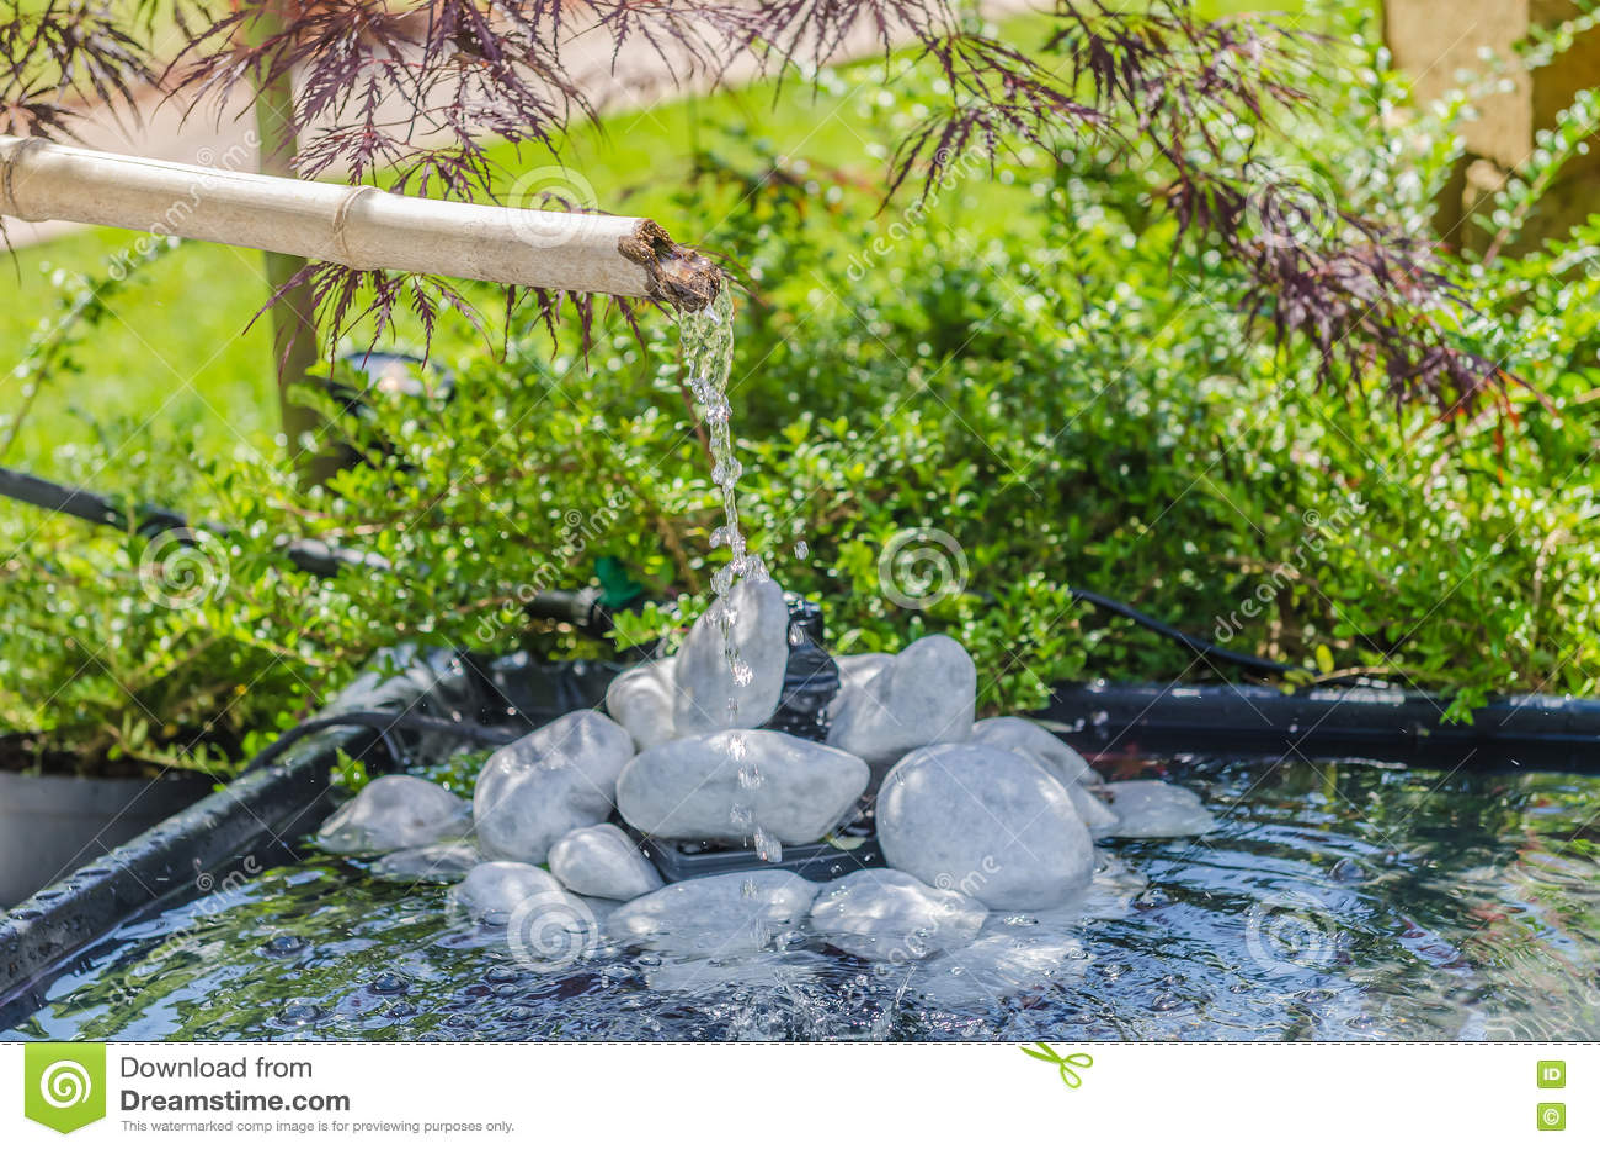 Japanischer garten mit bambusbrunnen stockfoto bild for Japanischer garten pool